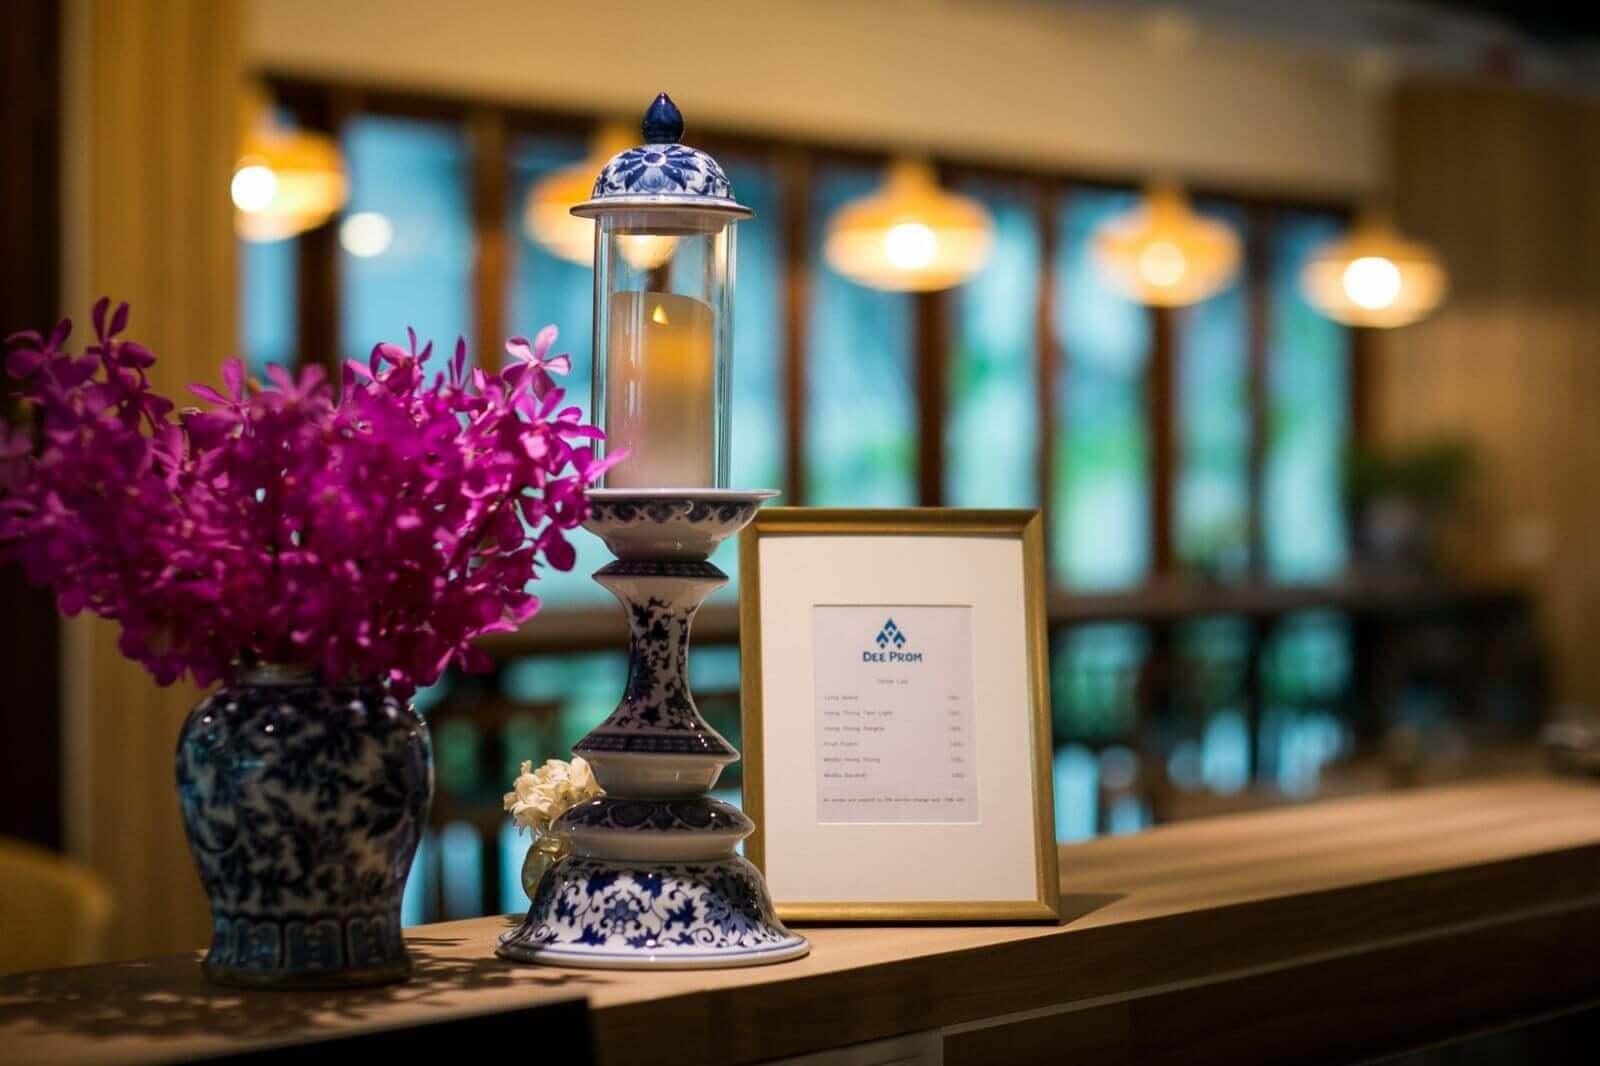 Lobby_โรงแรม ดีพร้อม พัทยา ที่พักสวยๆ ใจกลางพัทยากลาง